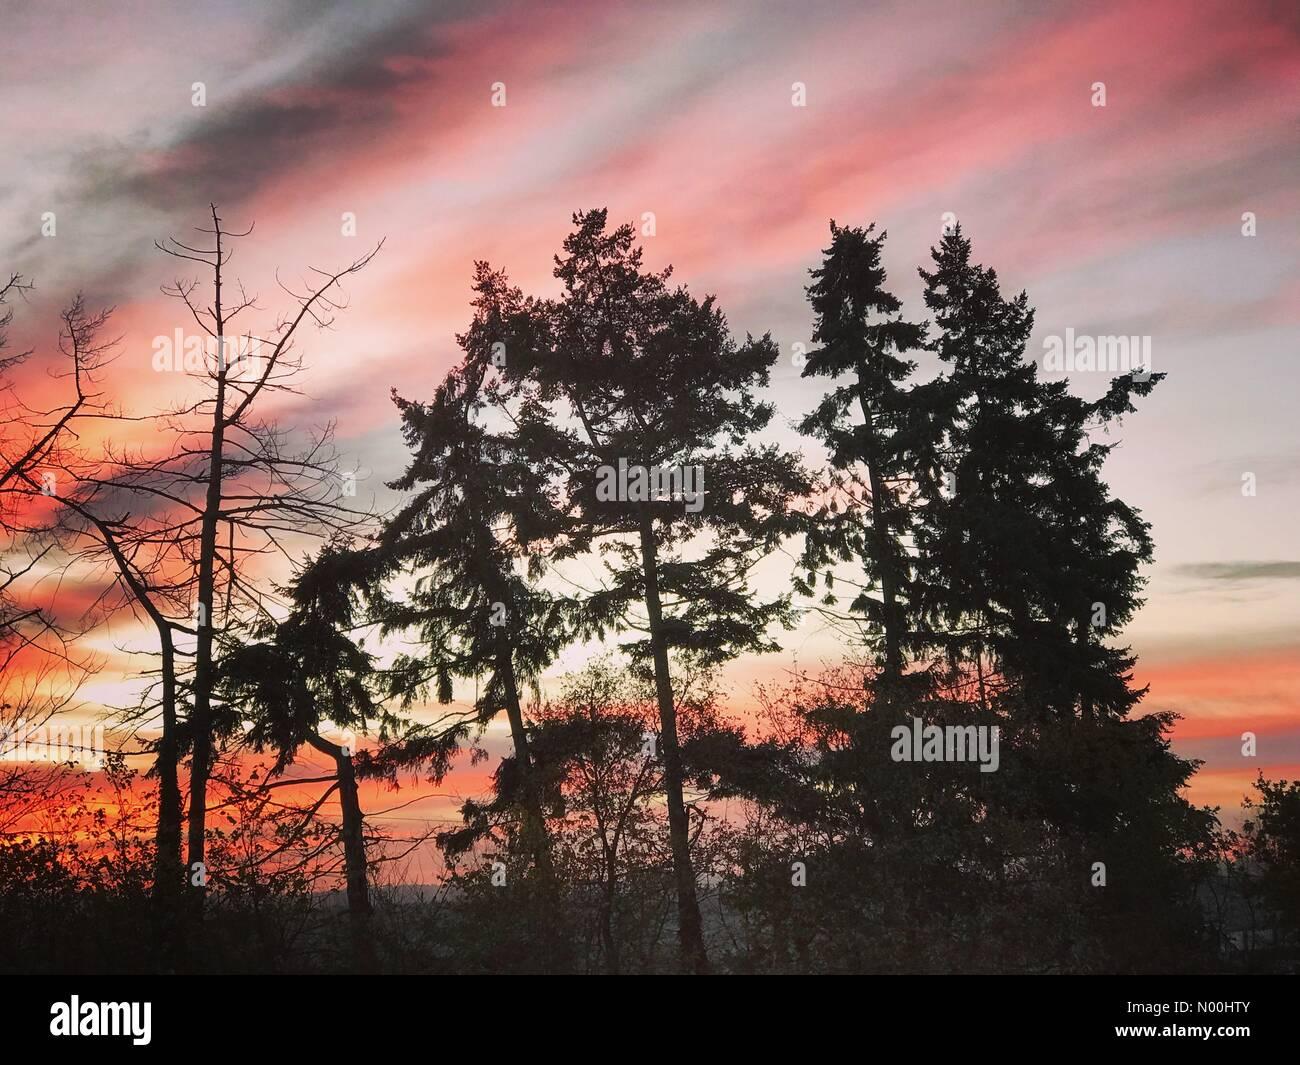 Godalming, UK. 17th Nov, 2017. UK Weather: Sunrise over Godalming. Tuesley Ln, Godalming. 17th November 2017. Clear - Stock Image